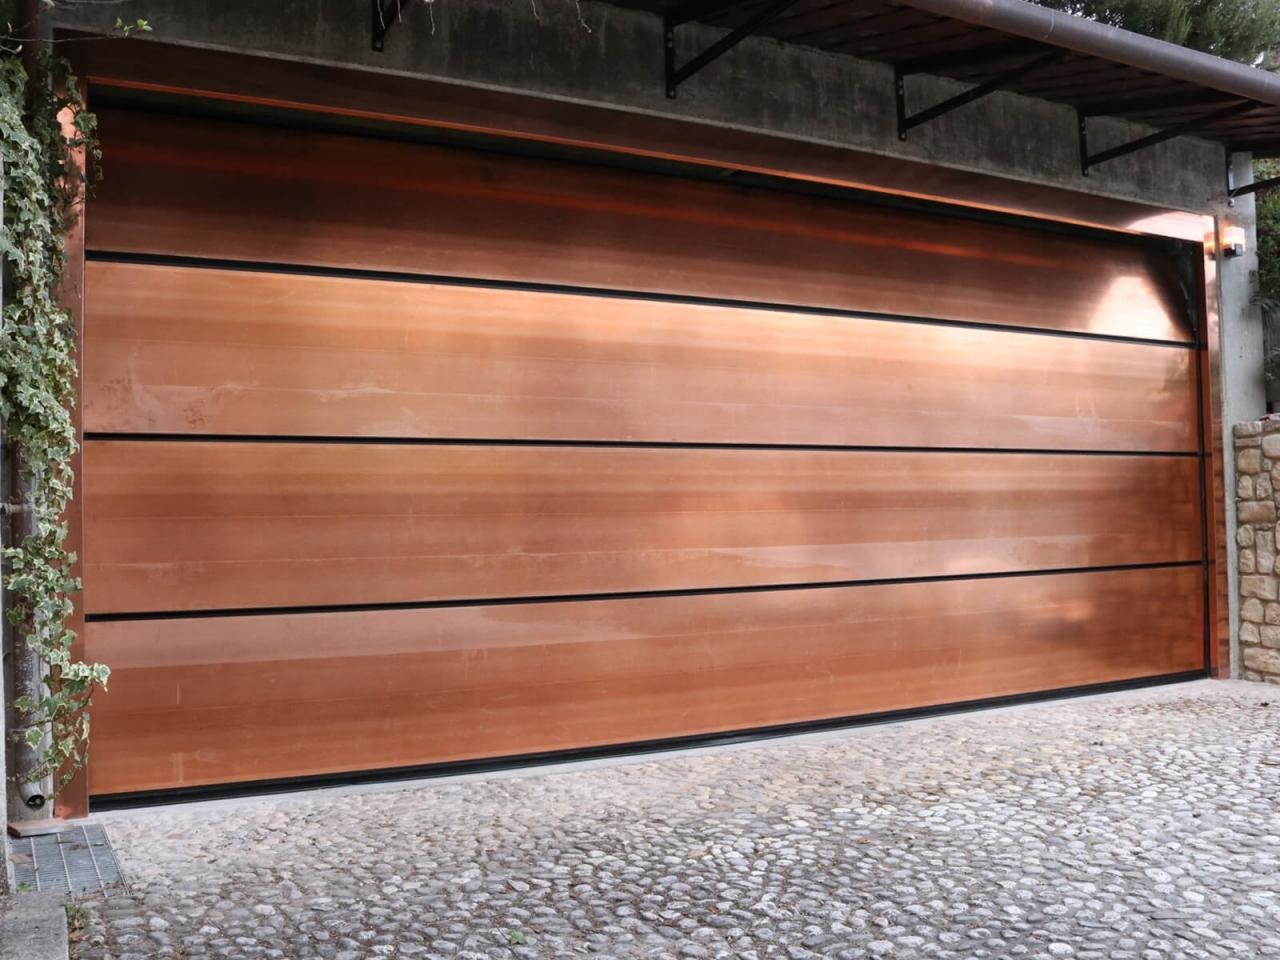 """Metal jewels - Grazie all'ampia disponibilità delle finiture in rame, ferro effetto """"rust"""" arrugginito, acciaio lucido, satinato o porcellanato e inox, la collezione Metal Jewels consente di arricchire la propria abitazione con giochi di luce e contrasti suggestivi per una nuova concezione dello spazio abitativo.  Concepire in modo rivoluzionario lo spazio della casa utilizzando il metallo, reinterpretarlo con creatività e stile. Metal Jewels offre soluzioni originali e innovative per arredare interno ed esterno. Acciaio lucido, satinato o porcellanato, alluminio, rame, ferro effetto """"rust"""", metallo lavorato, sono pronti a far scoprire un'idea del tutto nuova di casa."""